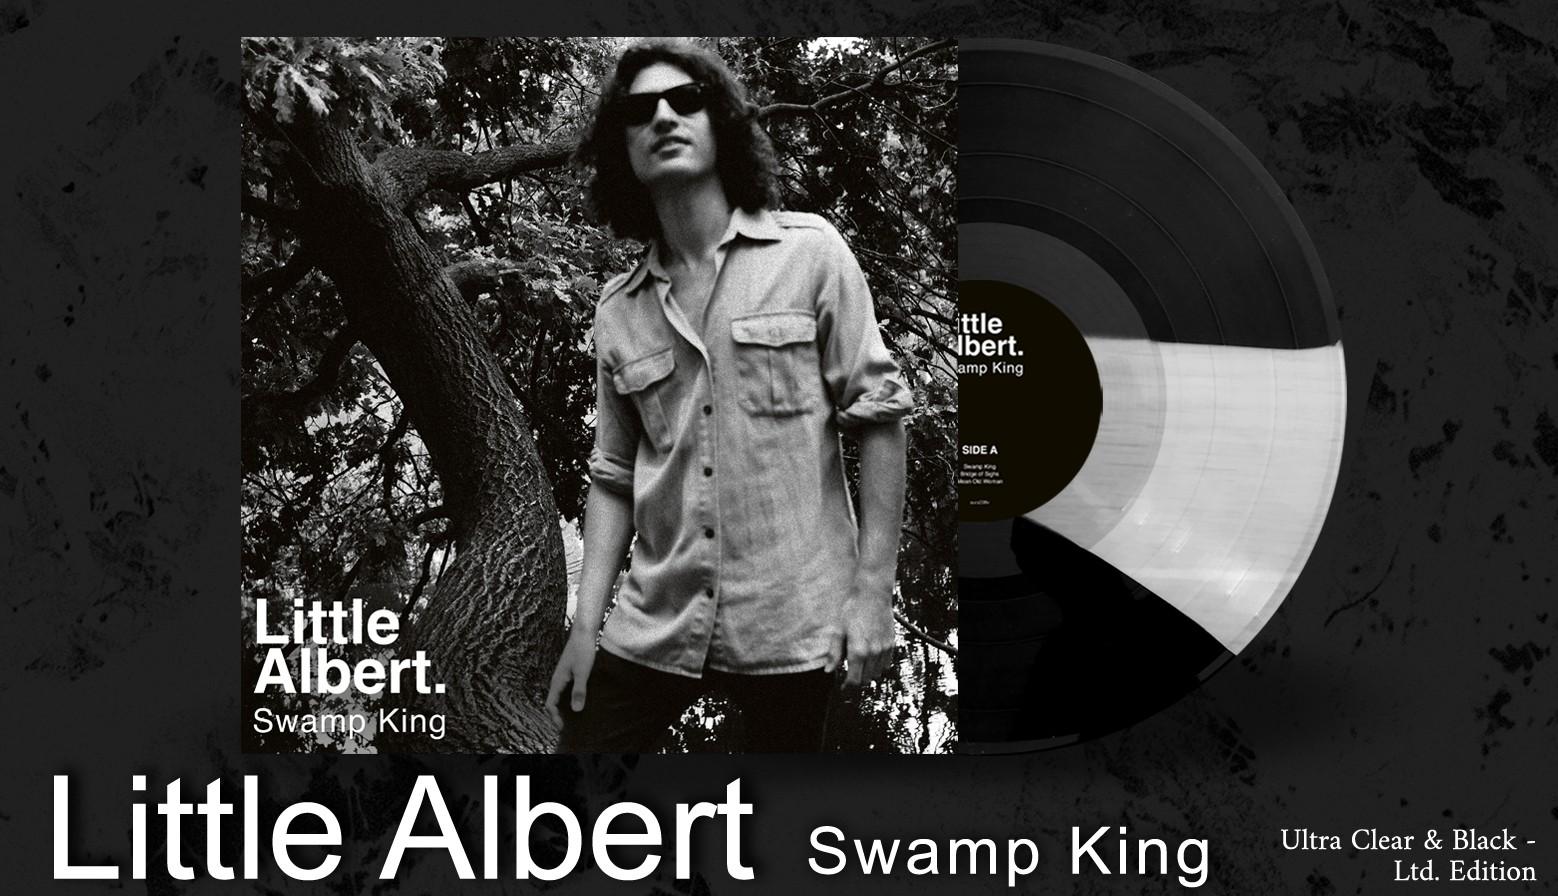 Swamp King